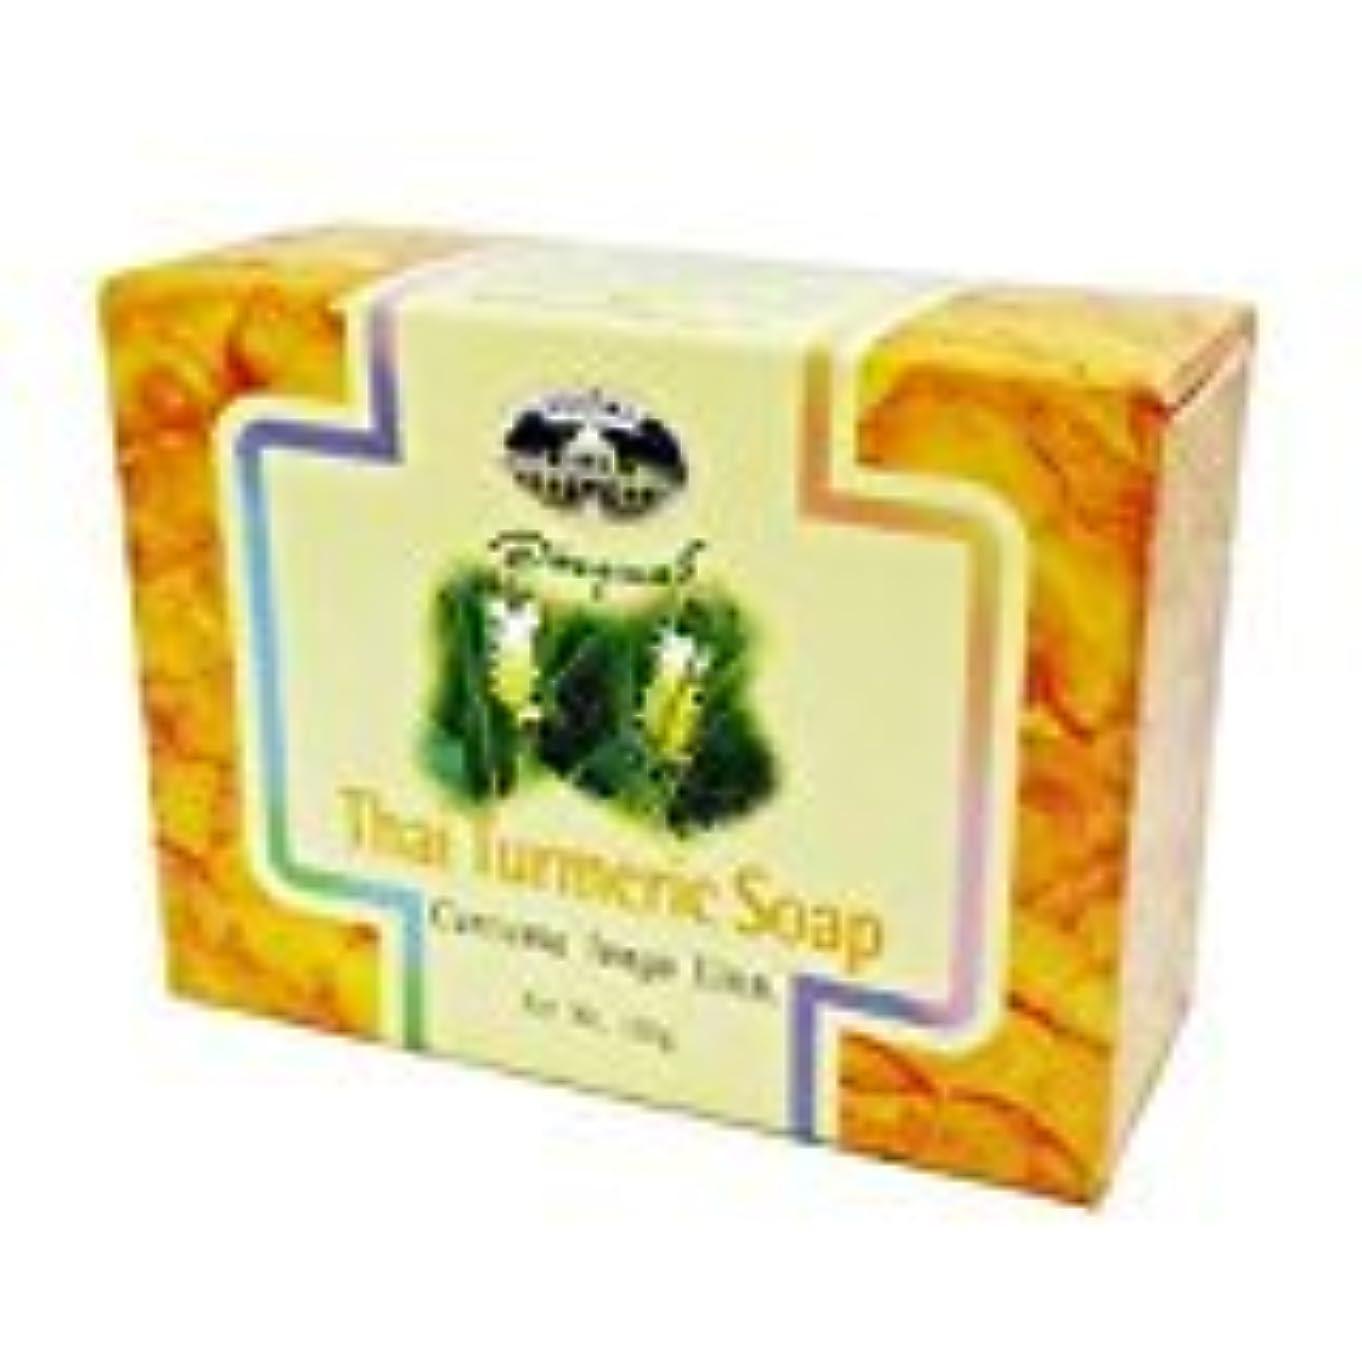 病院一族心理学ウコン石けん abhaibhubejhr Turmeric soap 100g